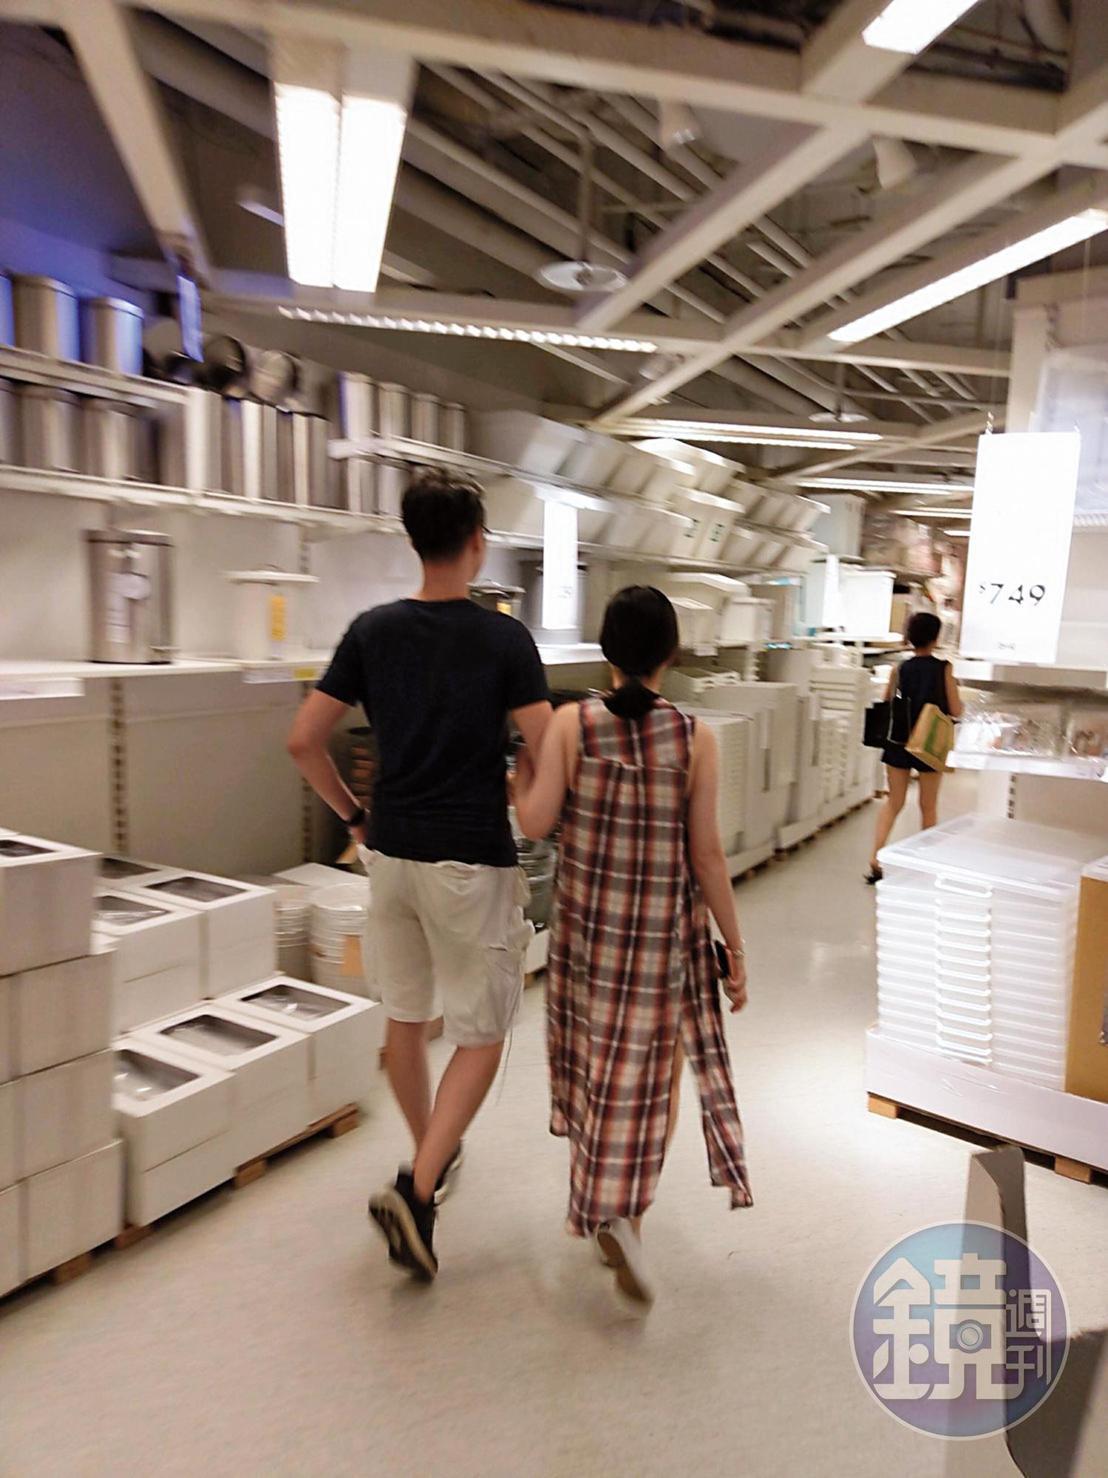 手挽著吳定謙手臂親熱逛家具店,豪乳妹看起來和吳定謙關係親密。